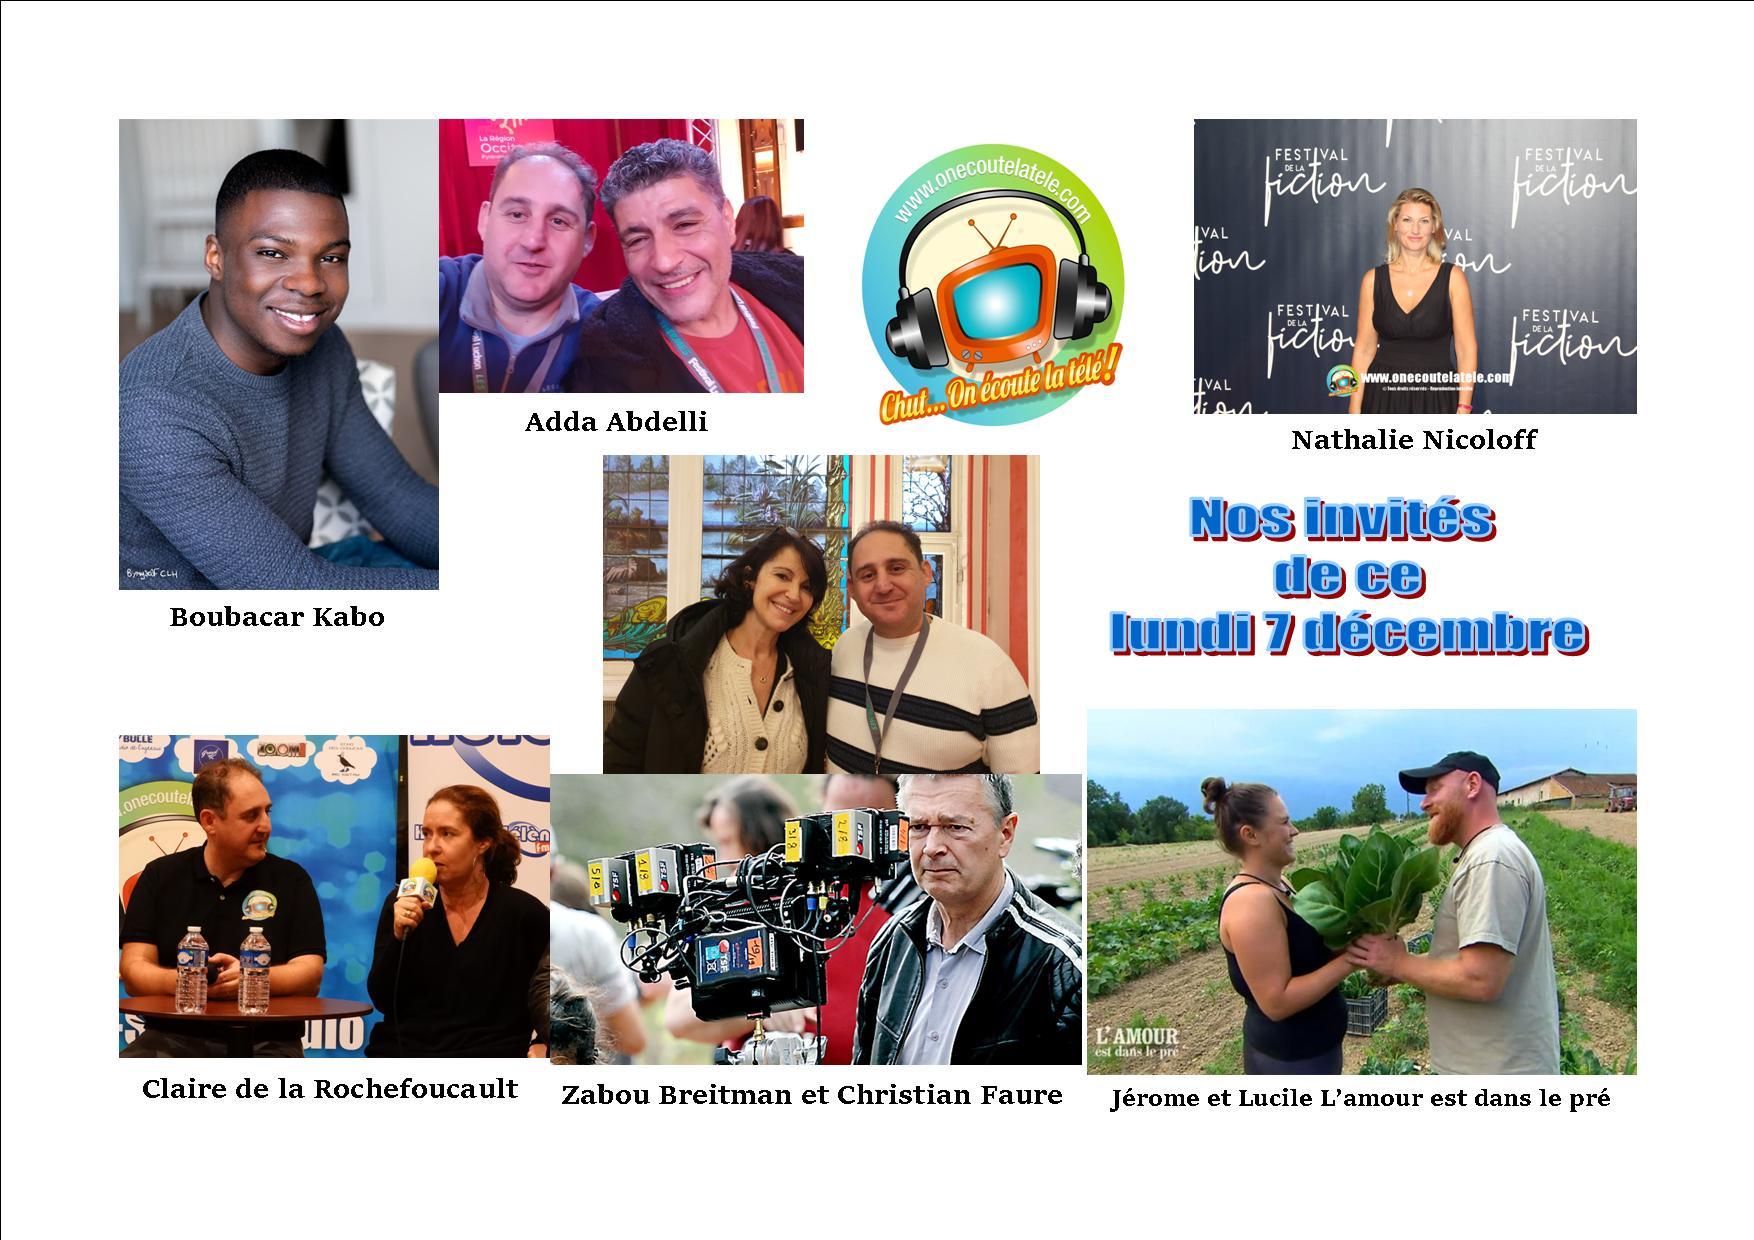 Voici en réécoute nos émissions de ce lundi 7 décembre avec Jérome et Lucile de l'amour est dans le pré, Zabou Breitman, et Boubacar Kabo